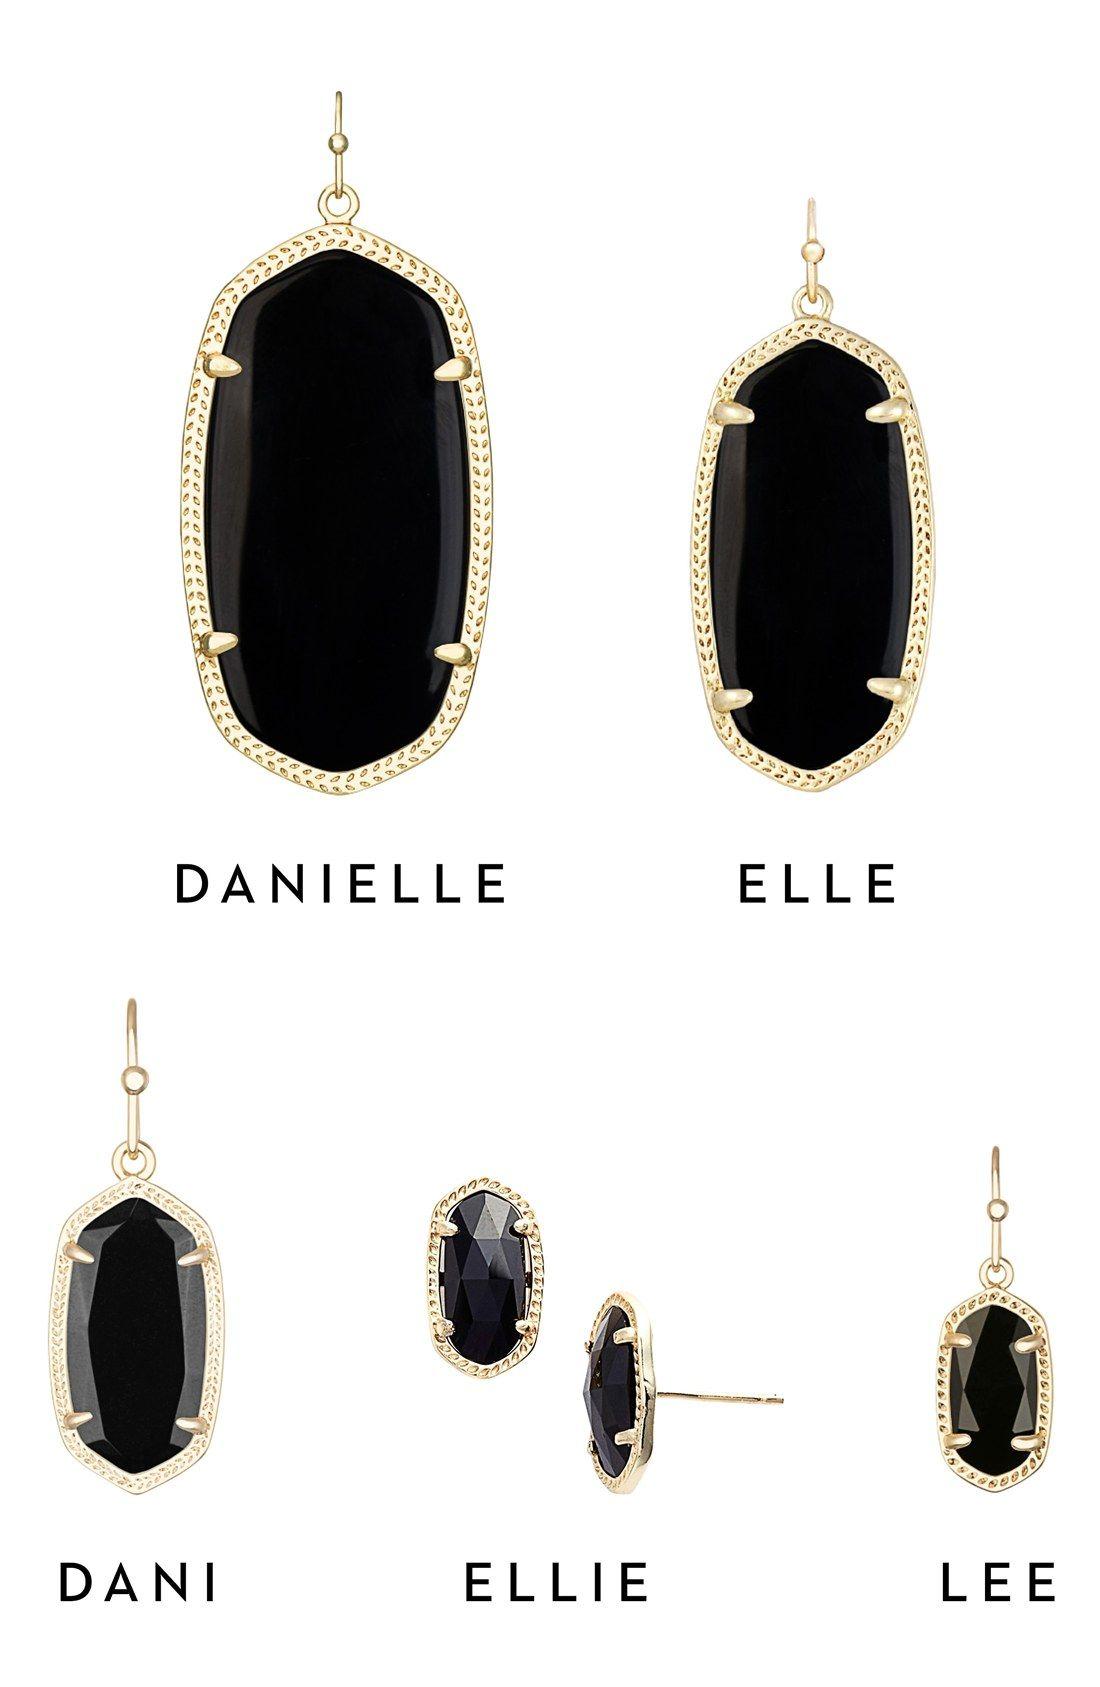 Kendra Scott Earring Sizes Danielle Ellie Dani Lee